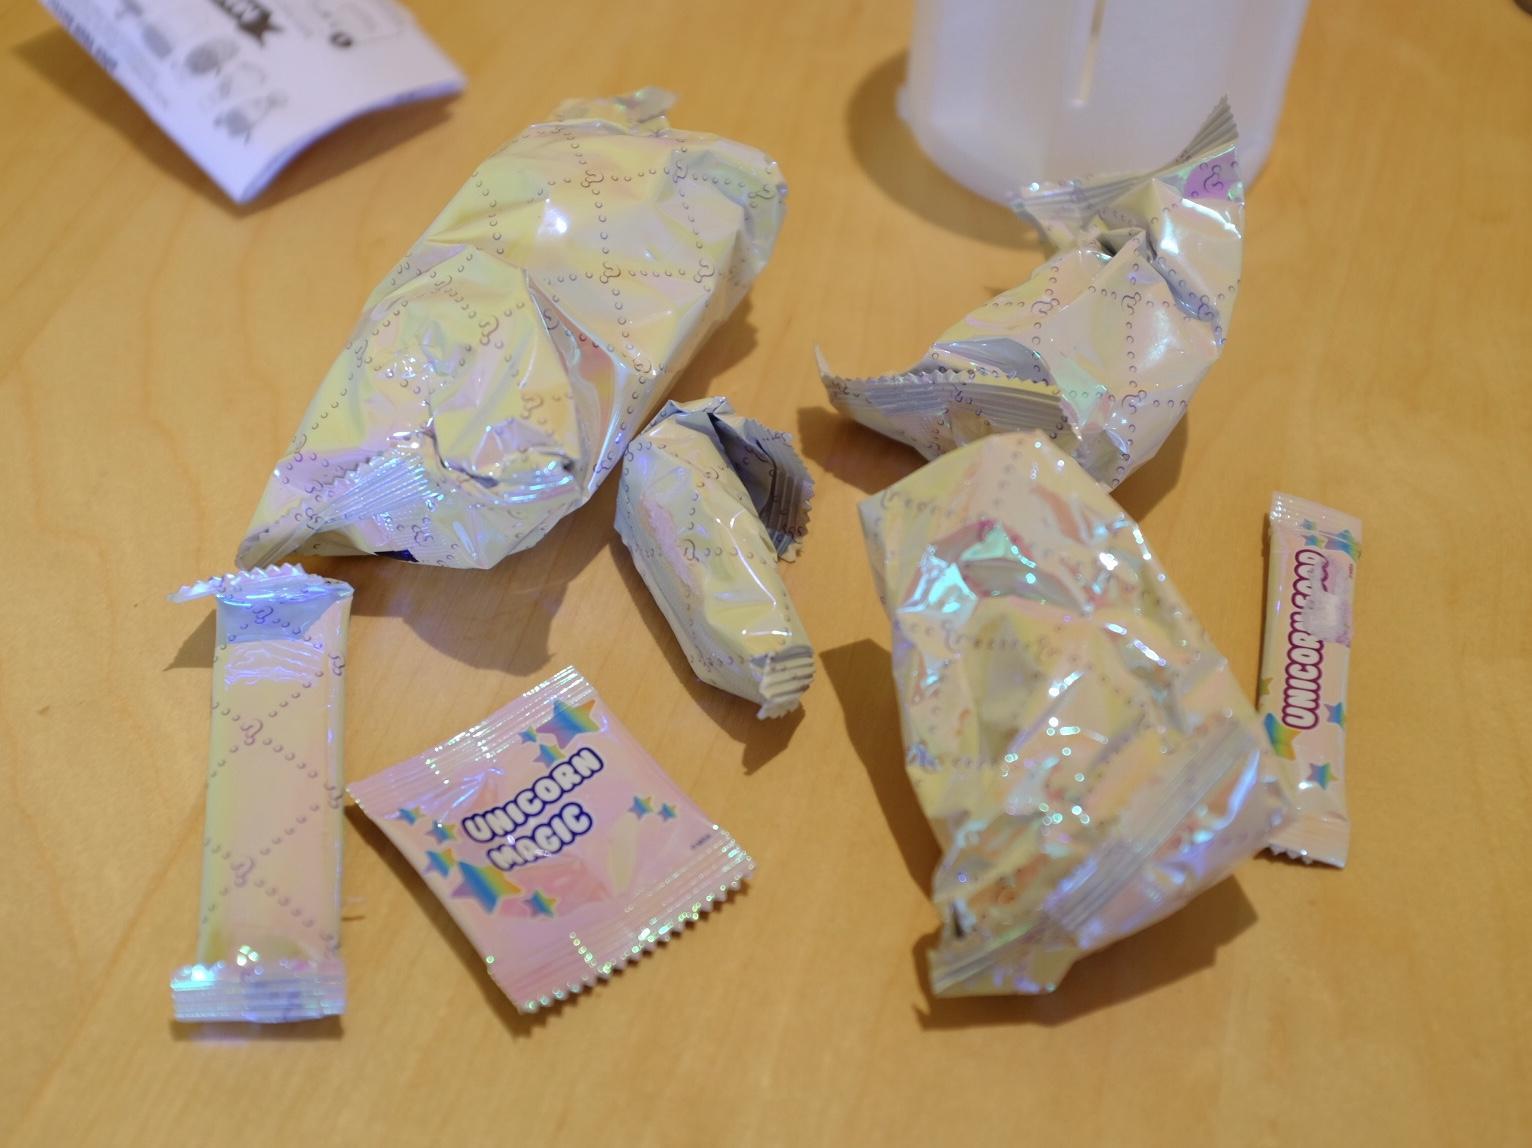 blind bags from Poopsie Slime Surprise